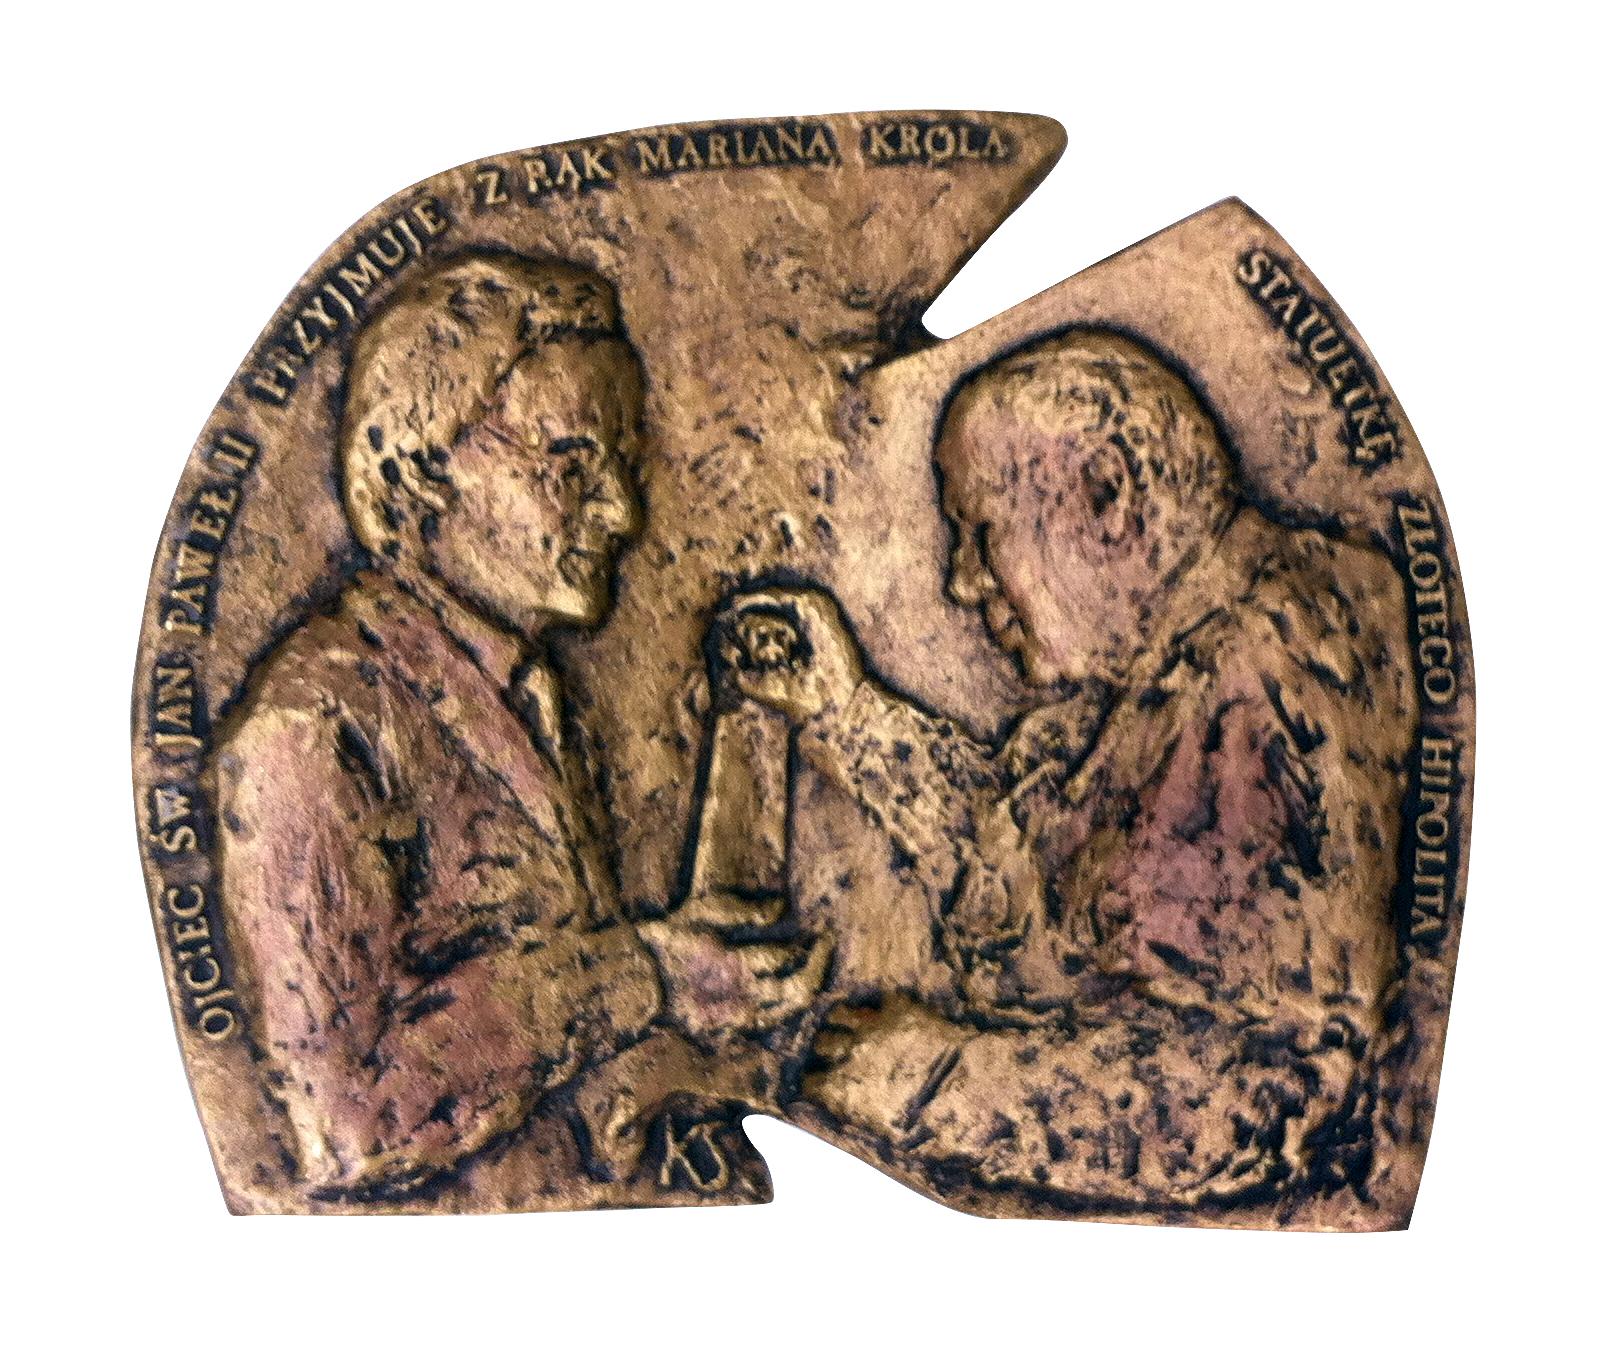 Tysięczna audiencja (awers), brąz, 14 x 15,8 cm, 2001